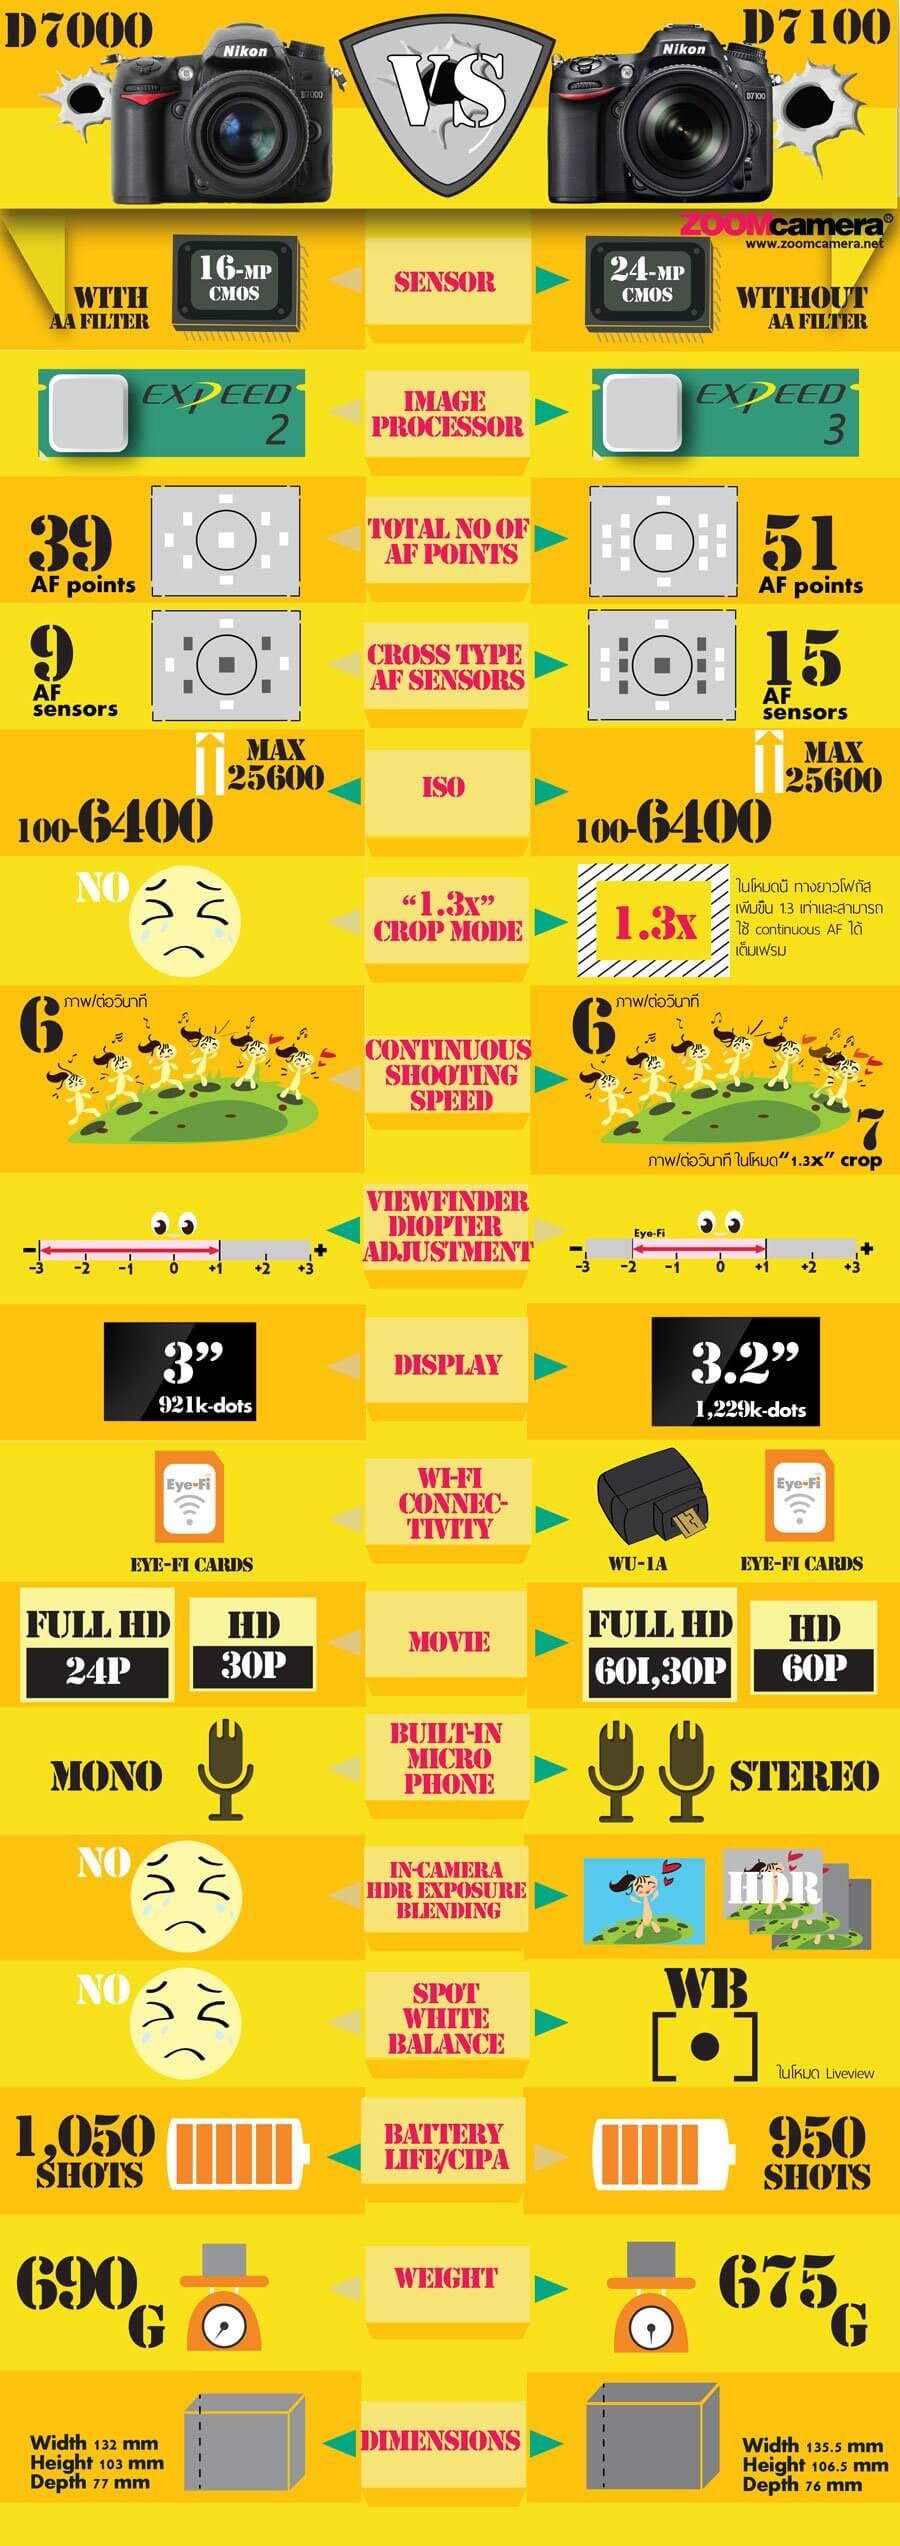 เปรียบเทียบ Nikon D7100 vs. Nikon D7000